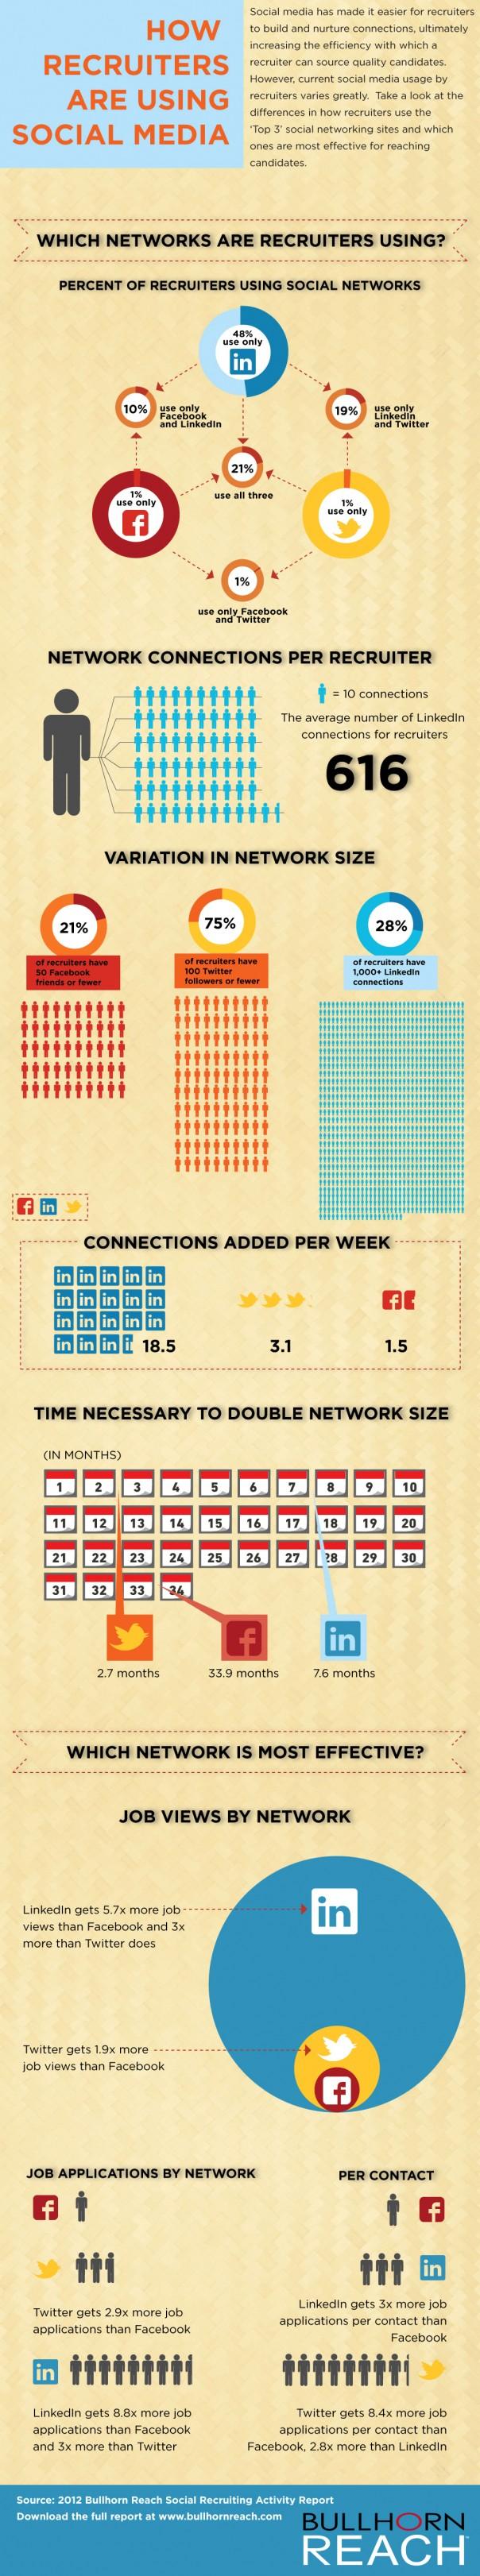 Comment les recruteurs utilisent les réseaux sociaux ?